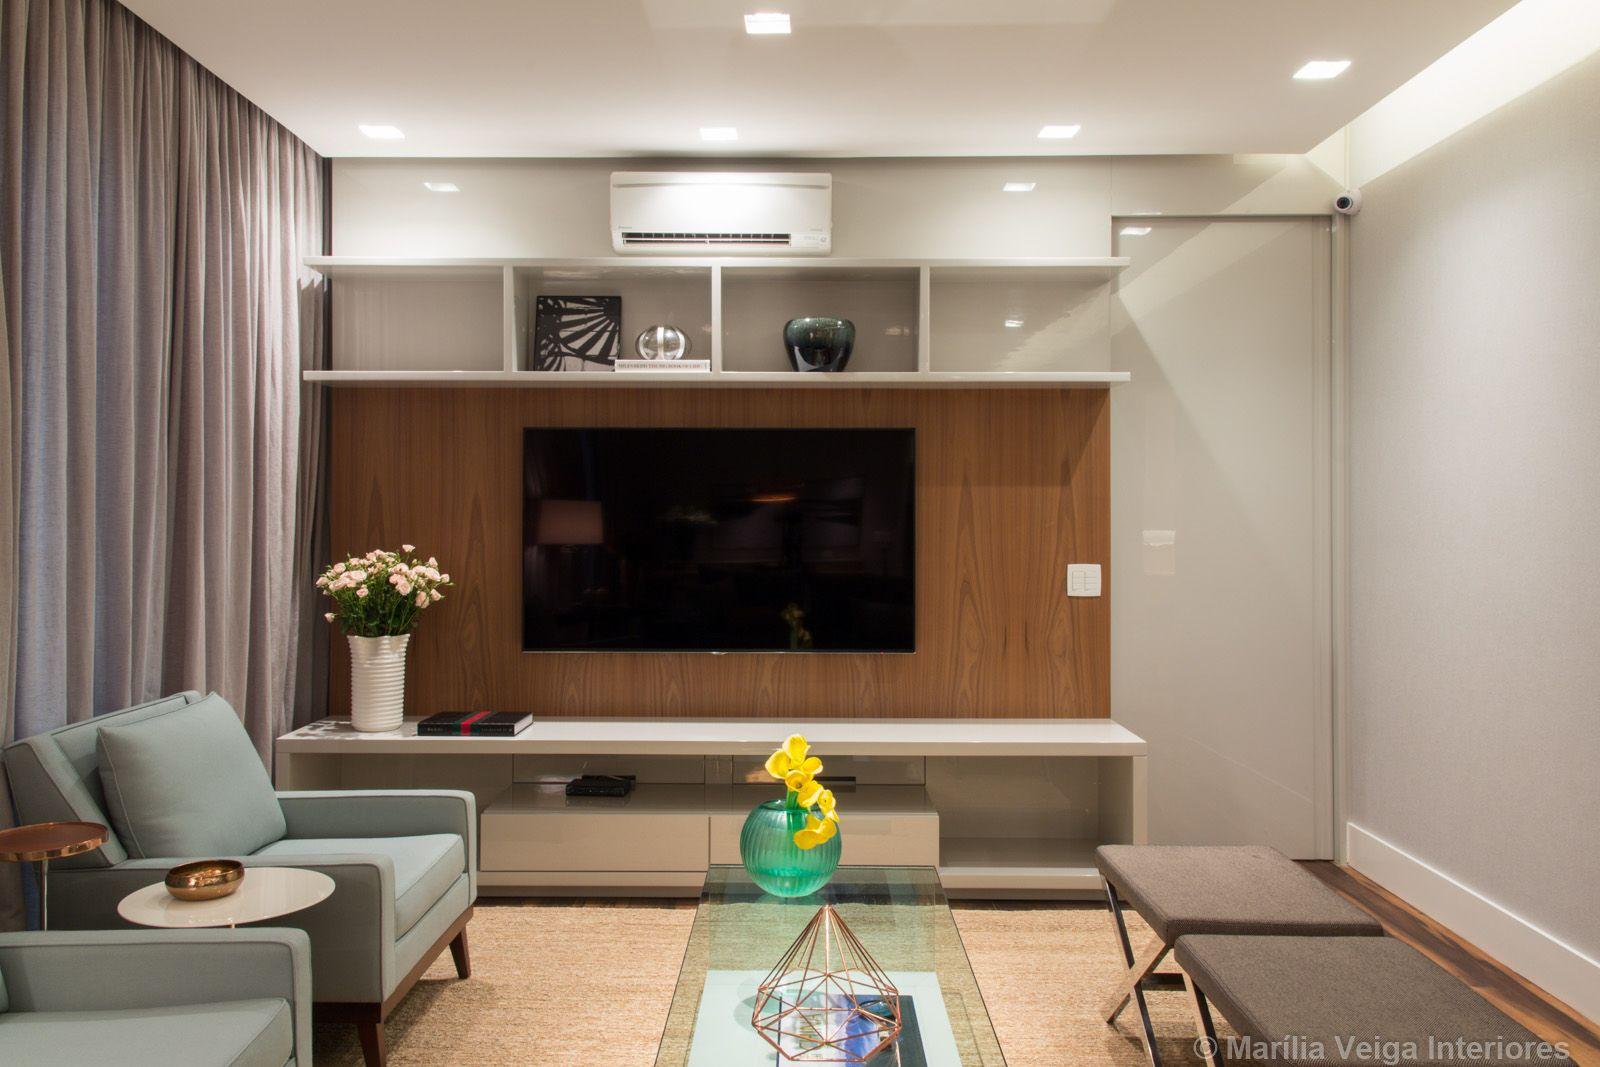 Decora o de interiores em apartamento para so - Decoradora de interiores ...